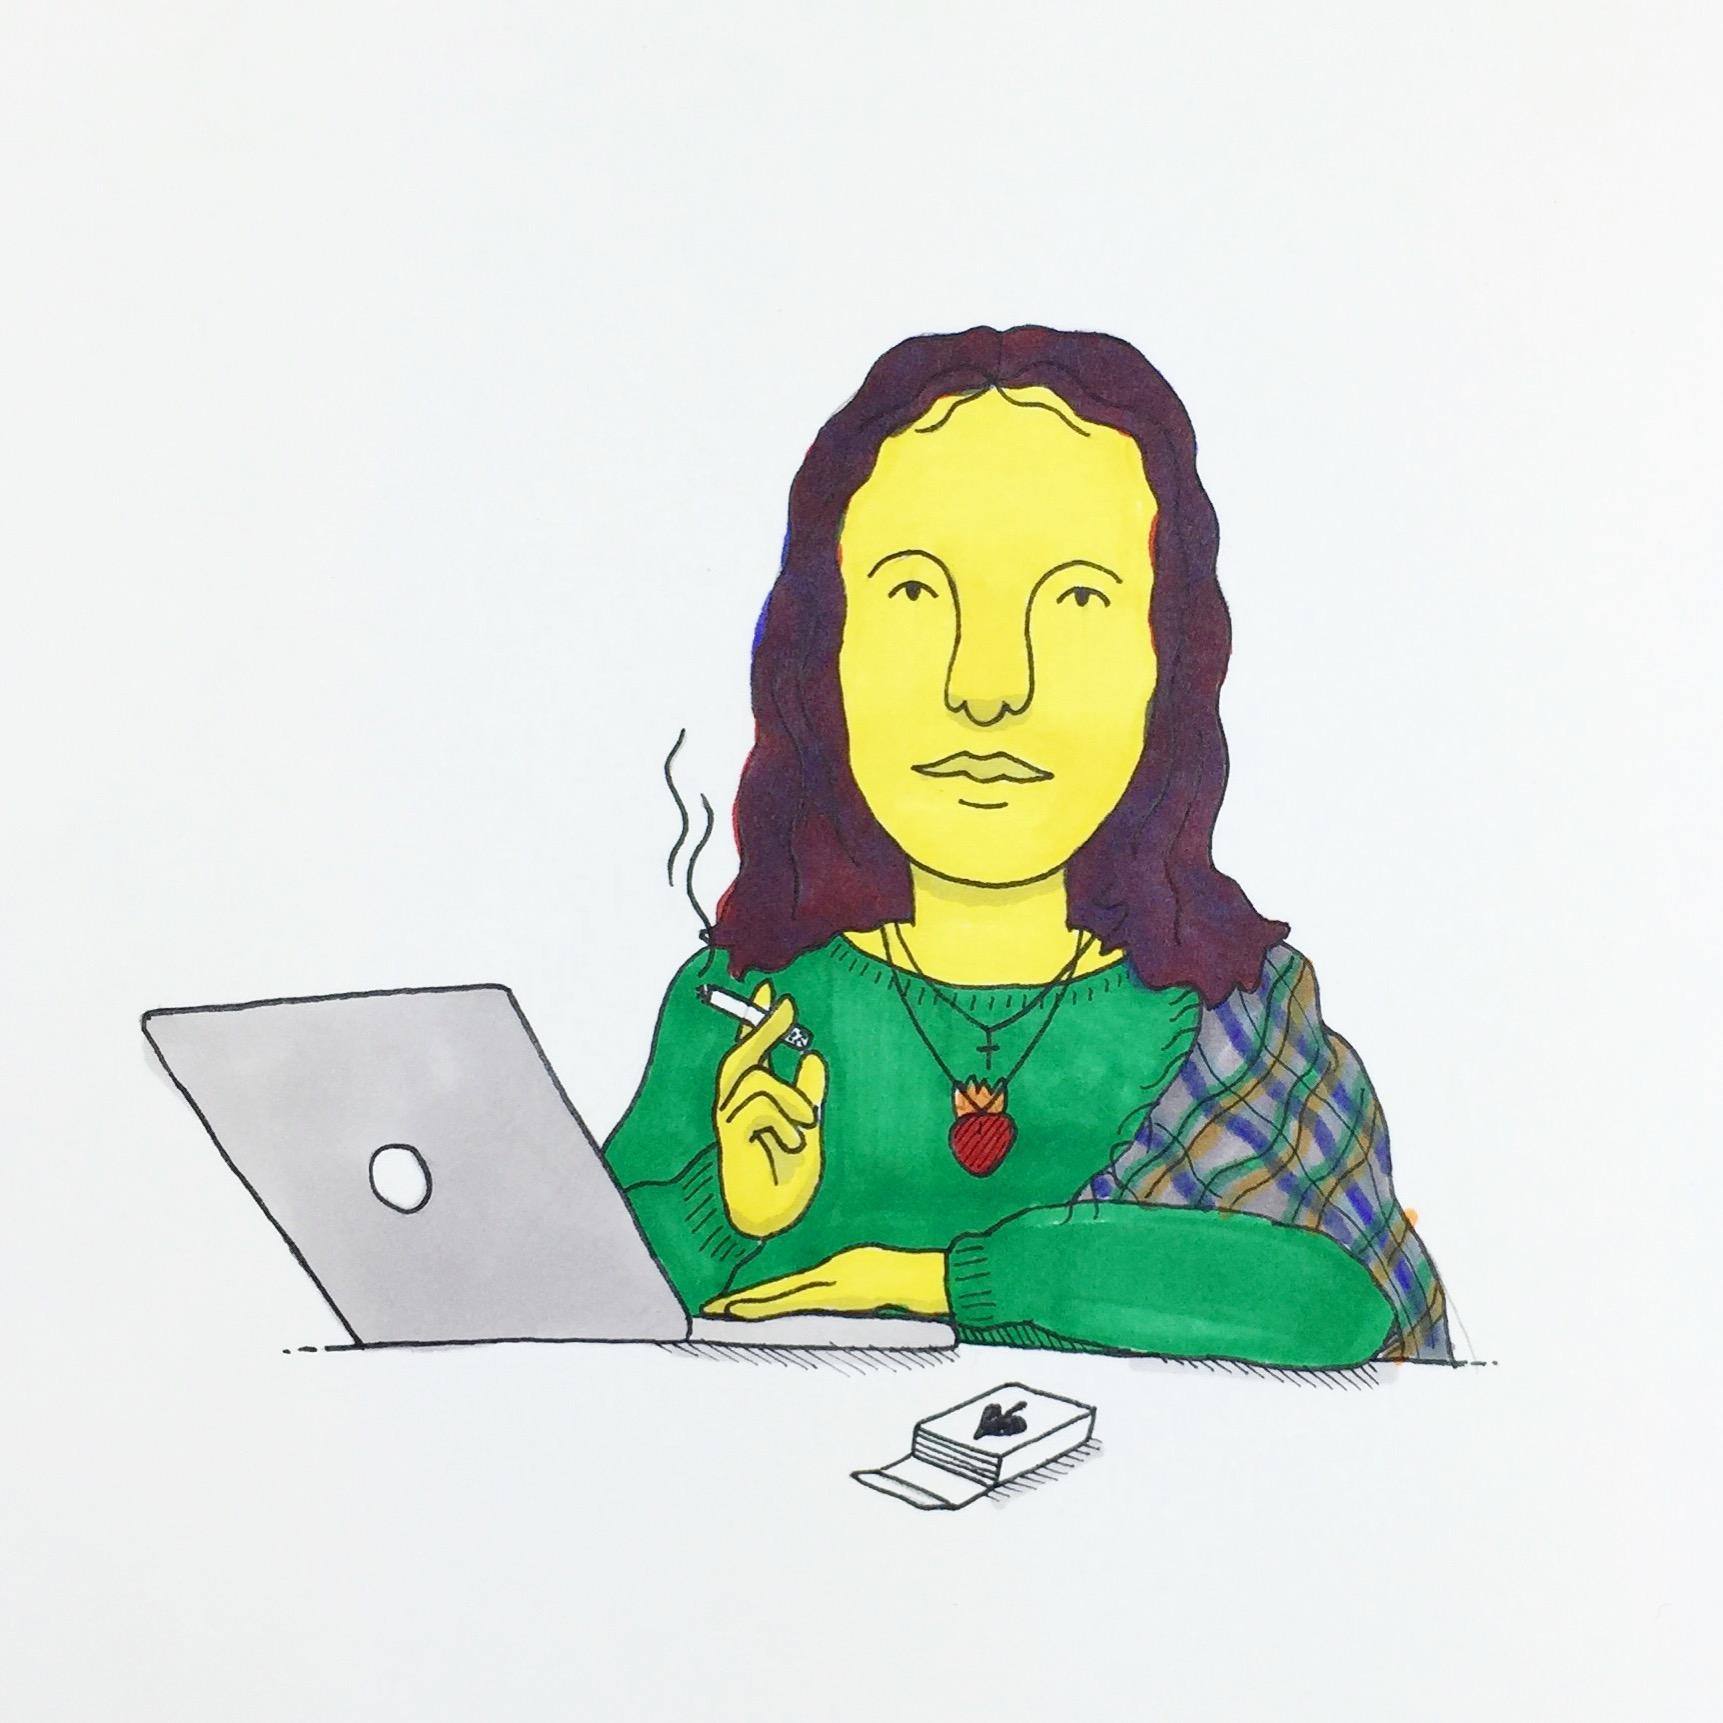 79. Maya Rios